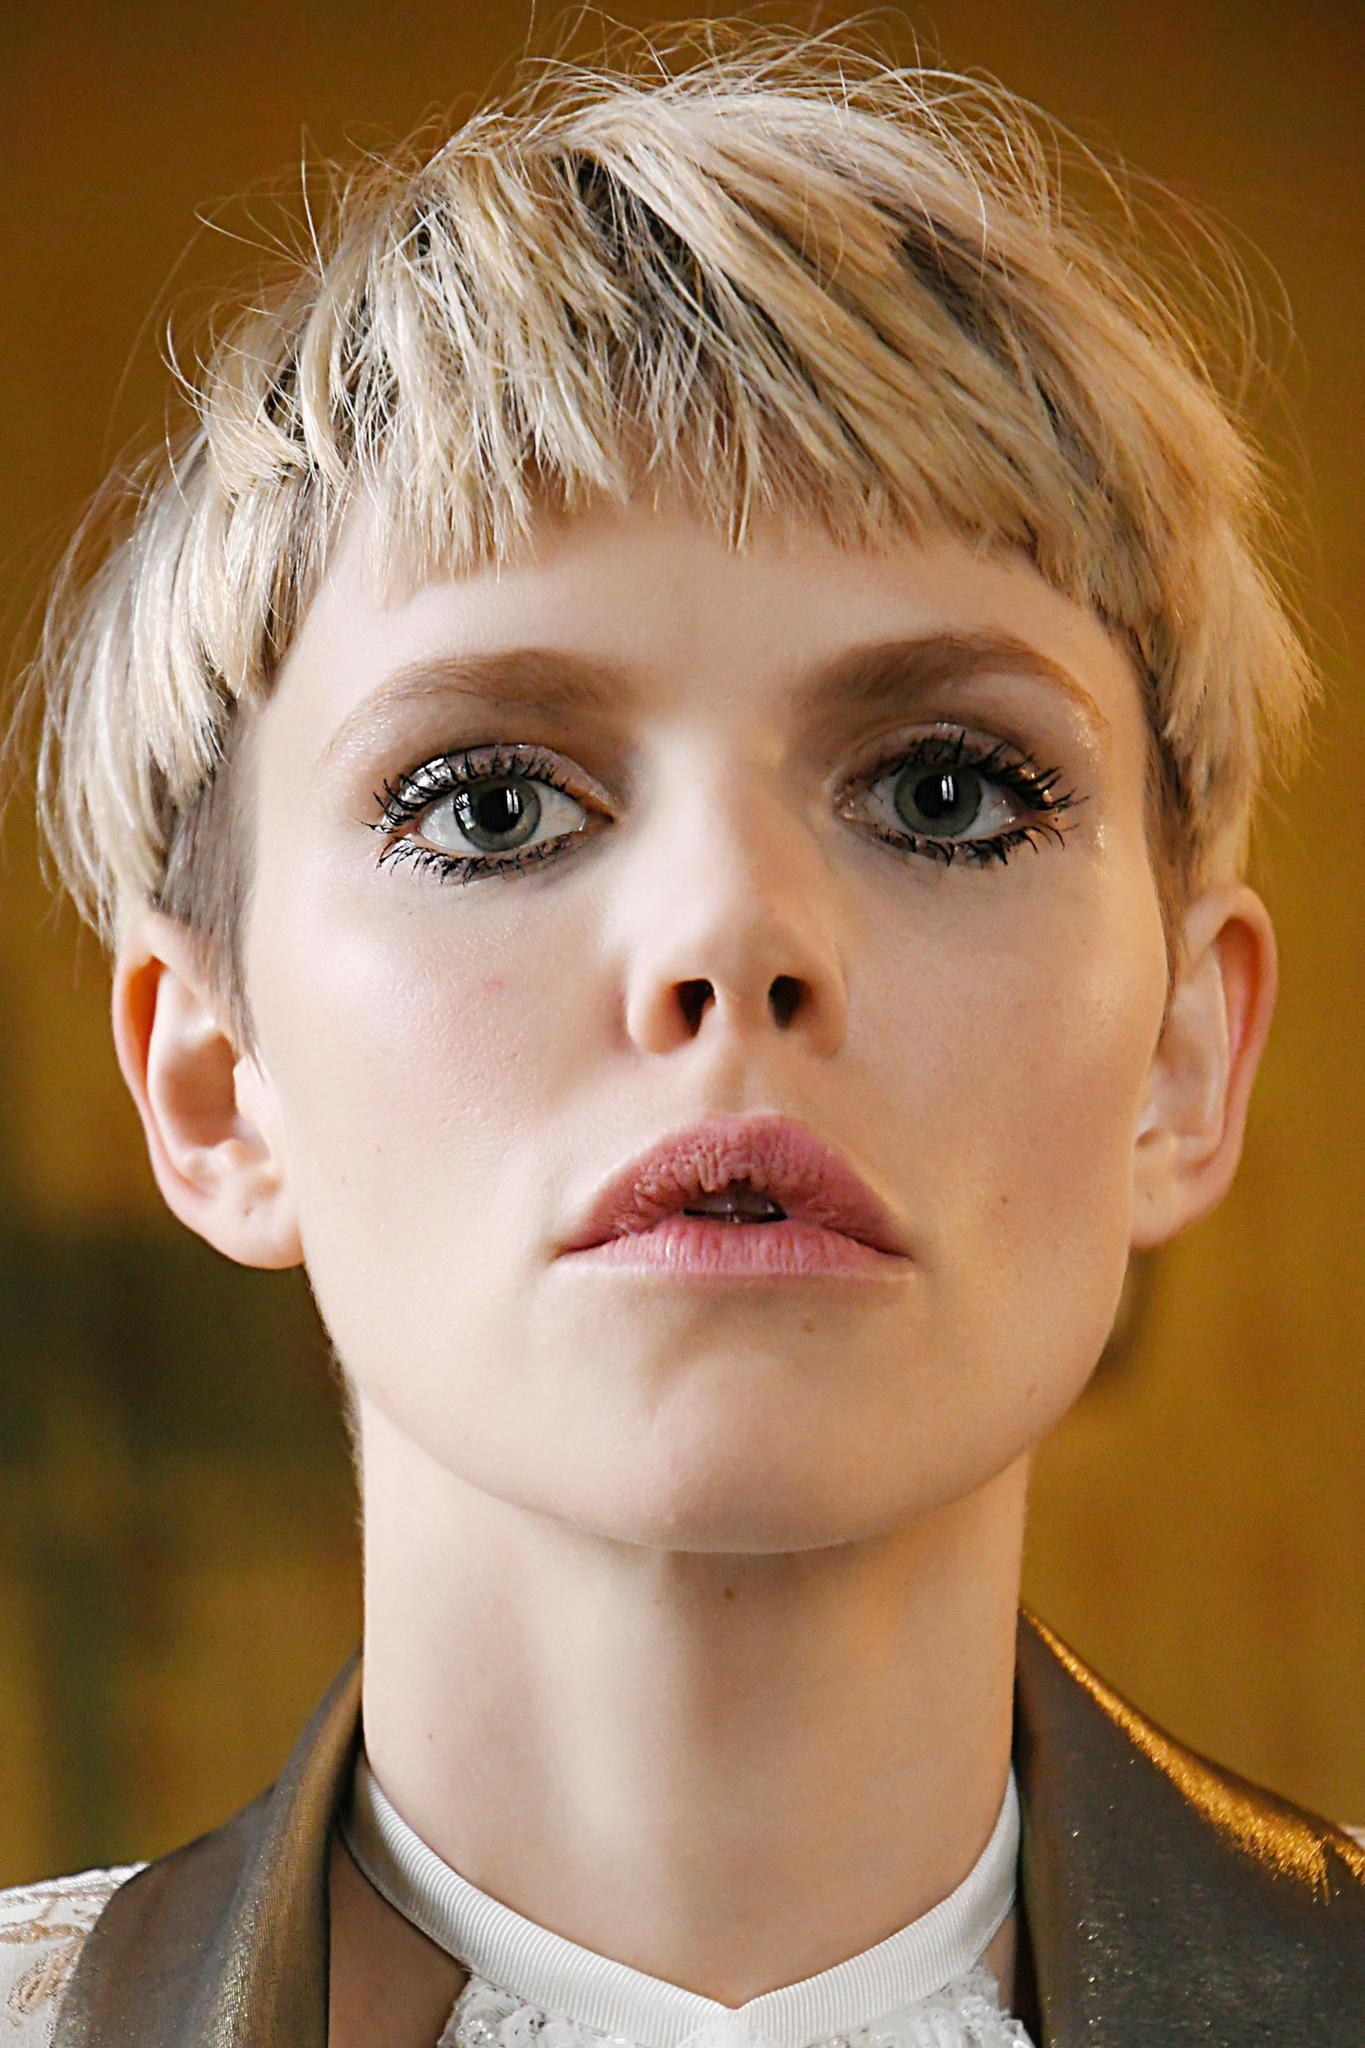 Frisuren Kurze Haare  Kurzhaarfrisuren Die schönsten Schnitte für kurze Haare